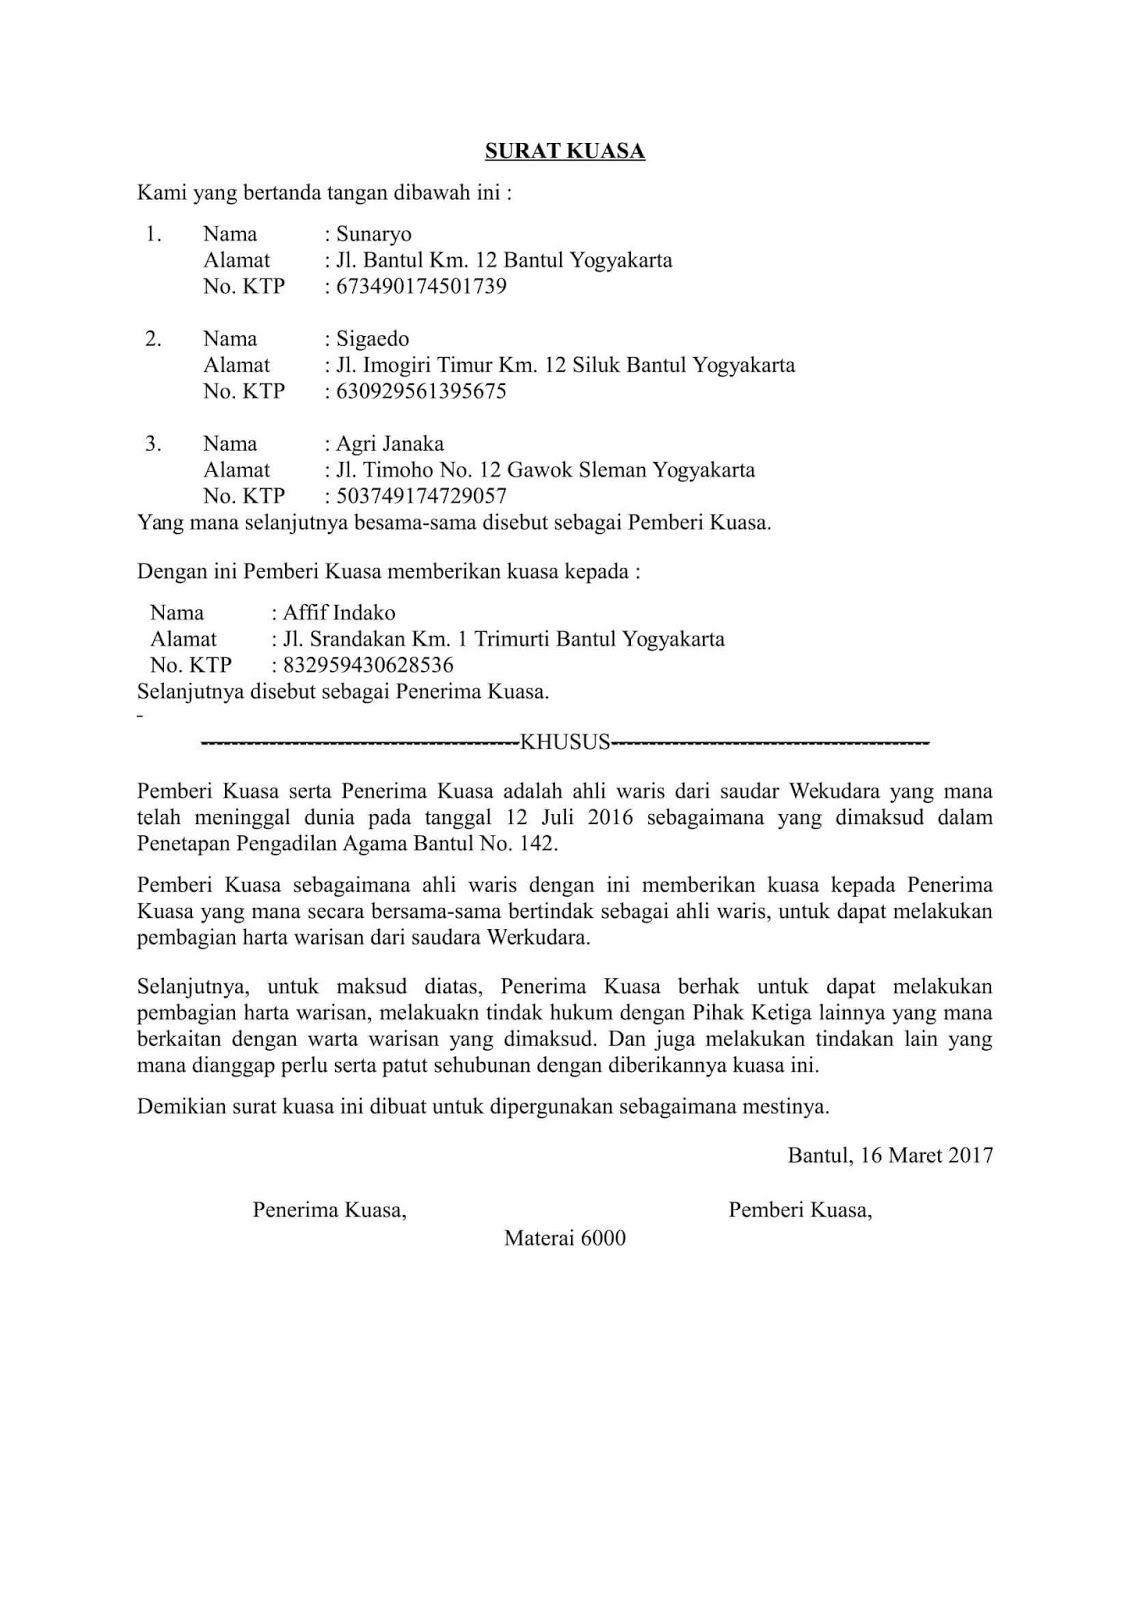 Contoh Surat Kuasa Ahli Waris Surat Surat Wasiat Surat Kuasa